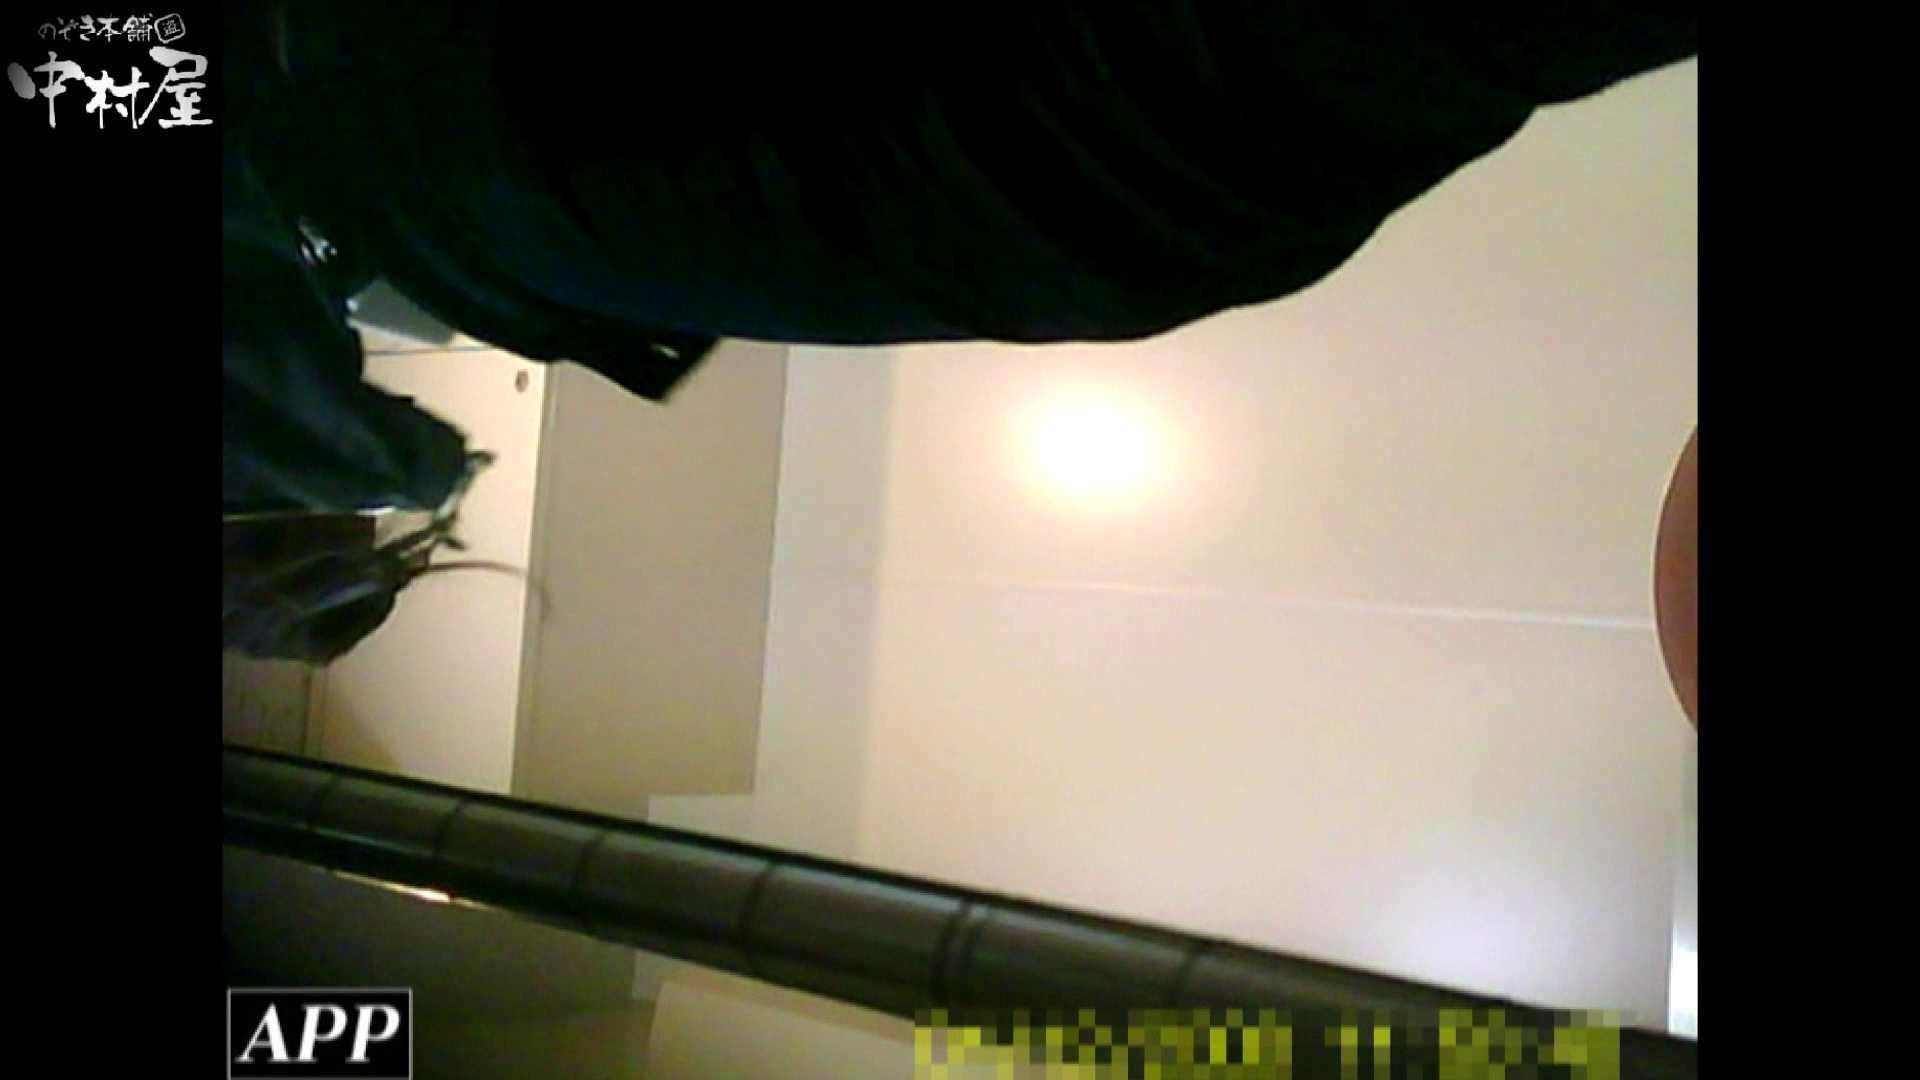 三つ目で盗撮 vol.73 美しいOLの裸体 | マンコ・ムレムレ  87pic 26